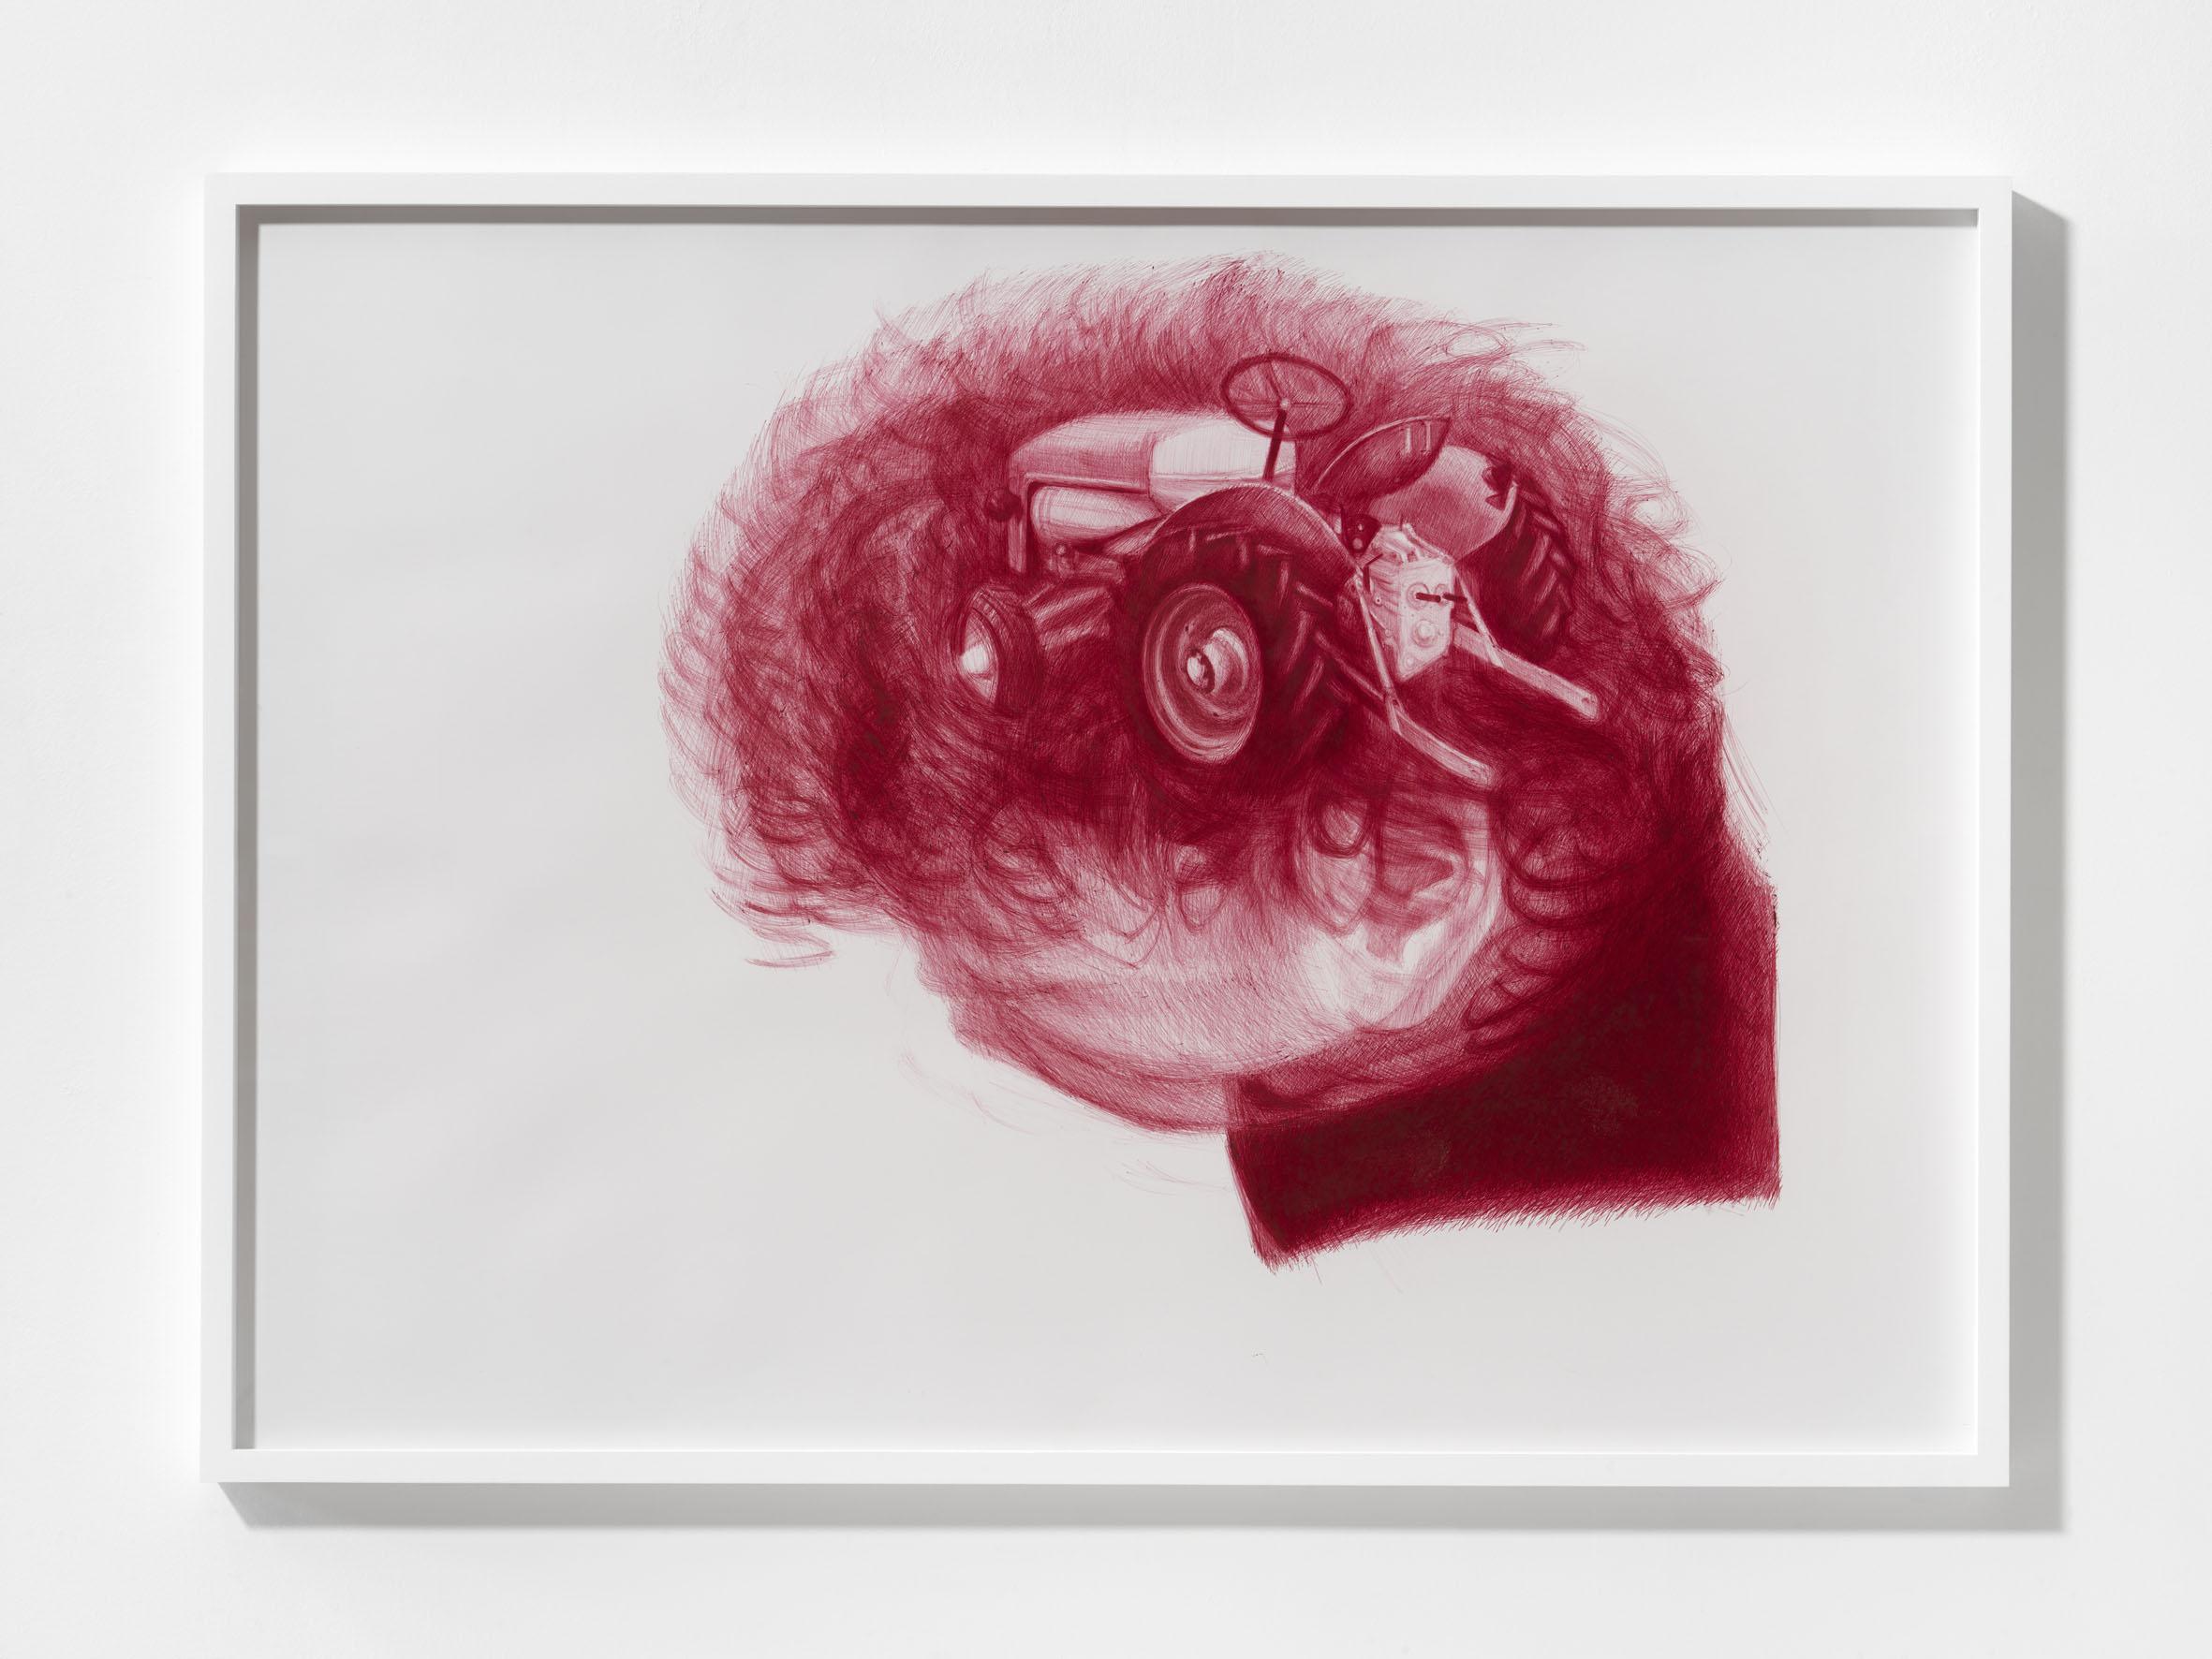 Diego Perrone Senza Titolo, 2016 Biro su carta 100 × 140 cm / 39 3/8 x 39 3/8 inches Foto di Alessandro Zambianchi Courtesy Massimo De Carlo, Milano/Londra/Hong Kong